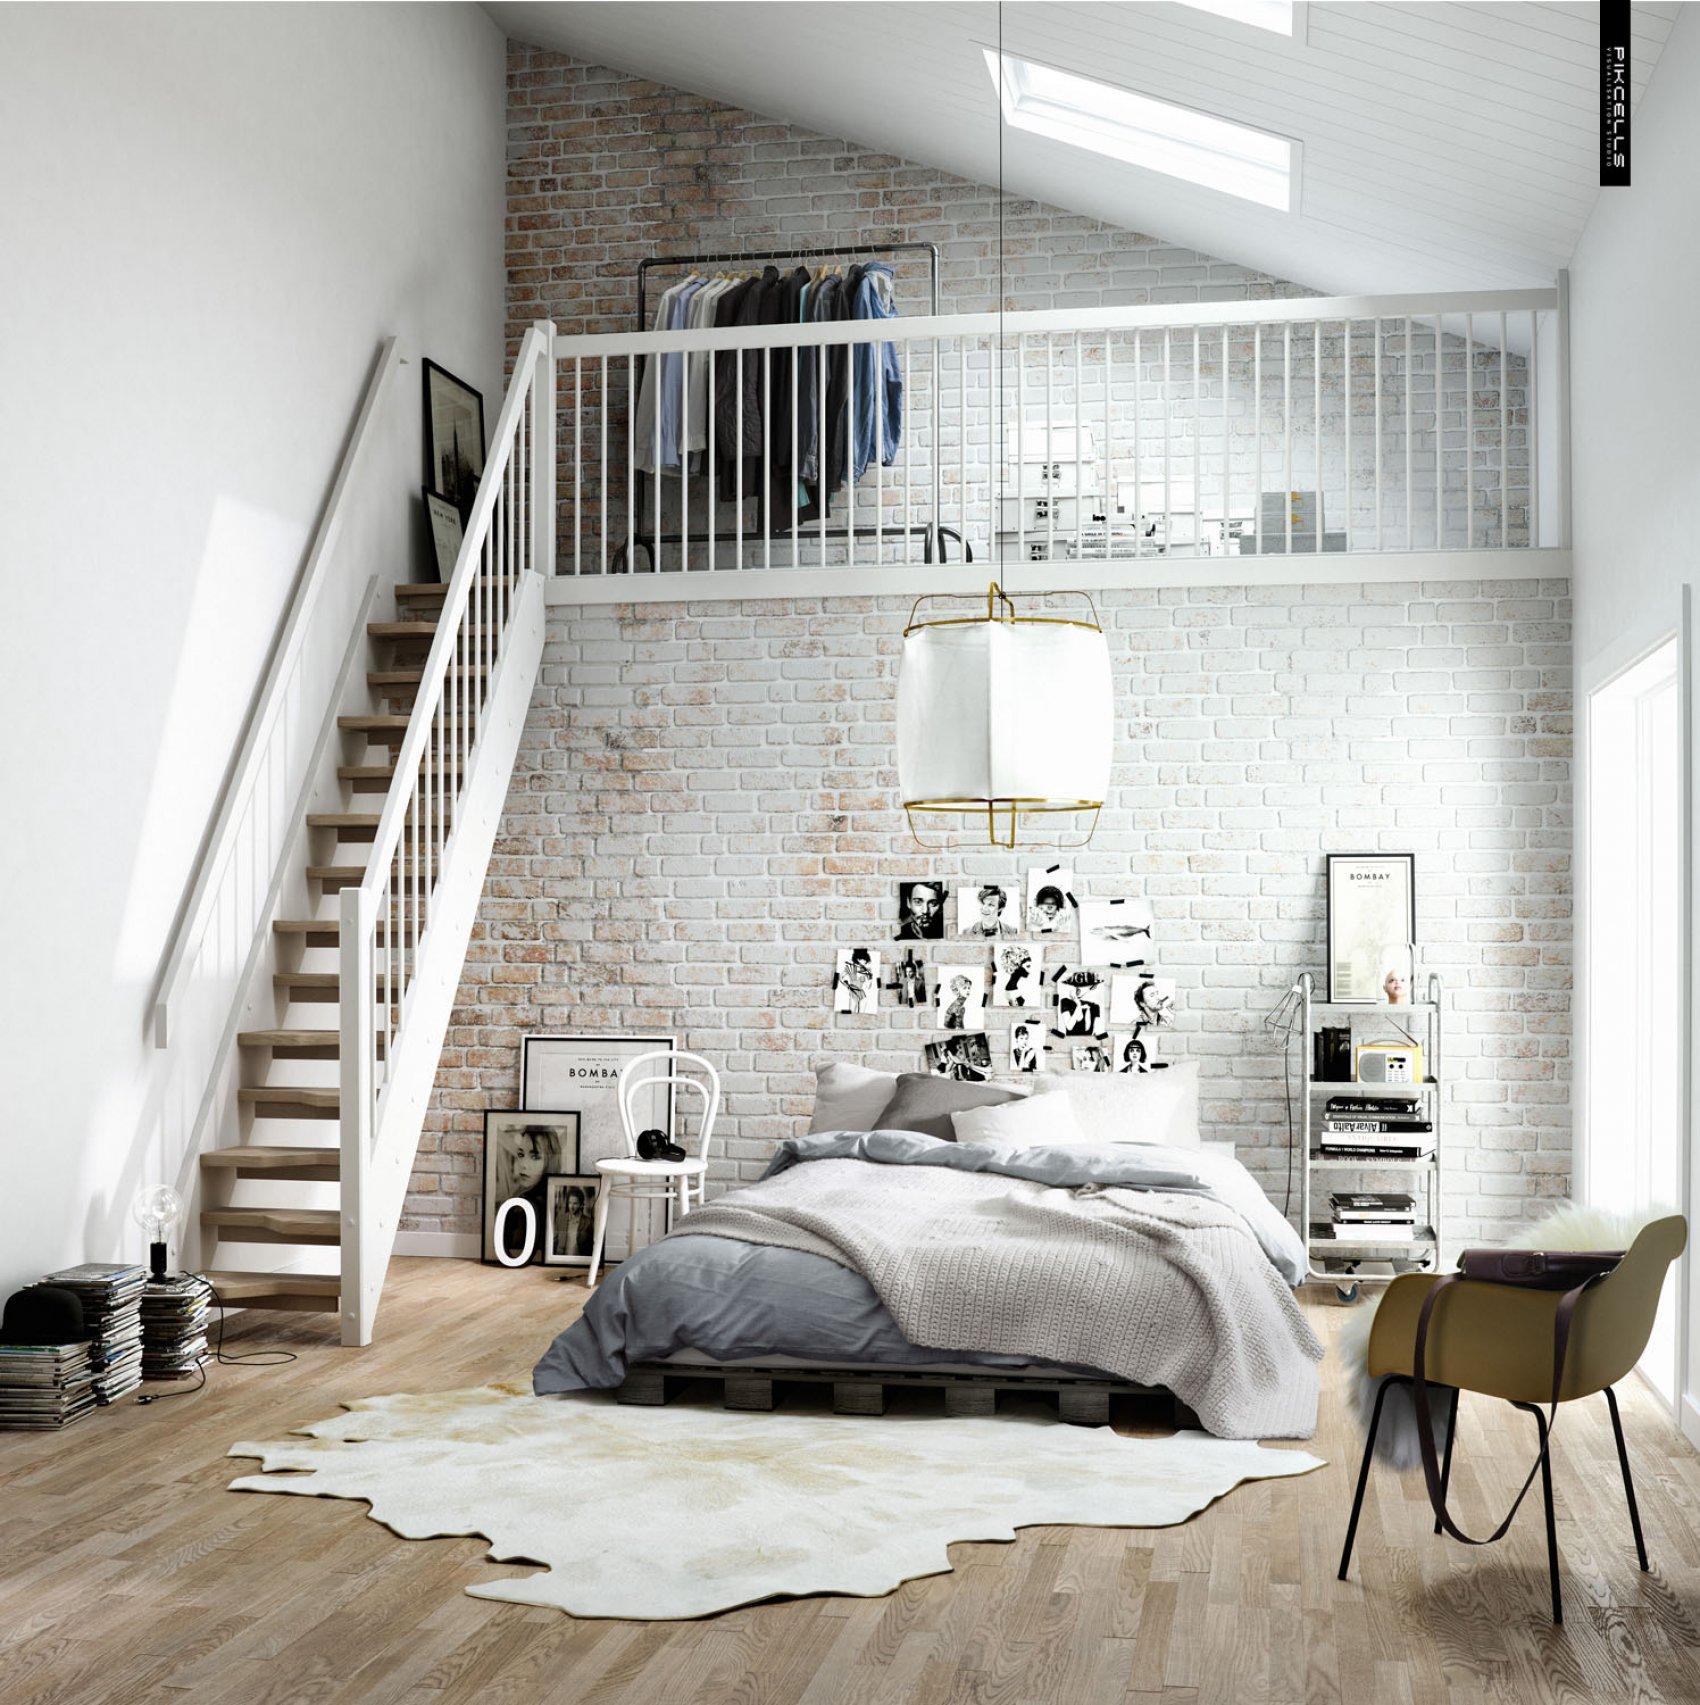 Thiết kế căn nhà phong cách Scandinavian ấn tượng